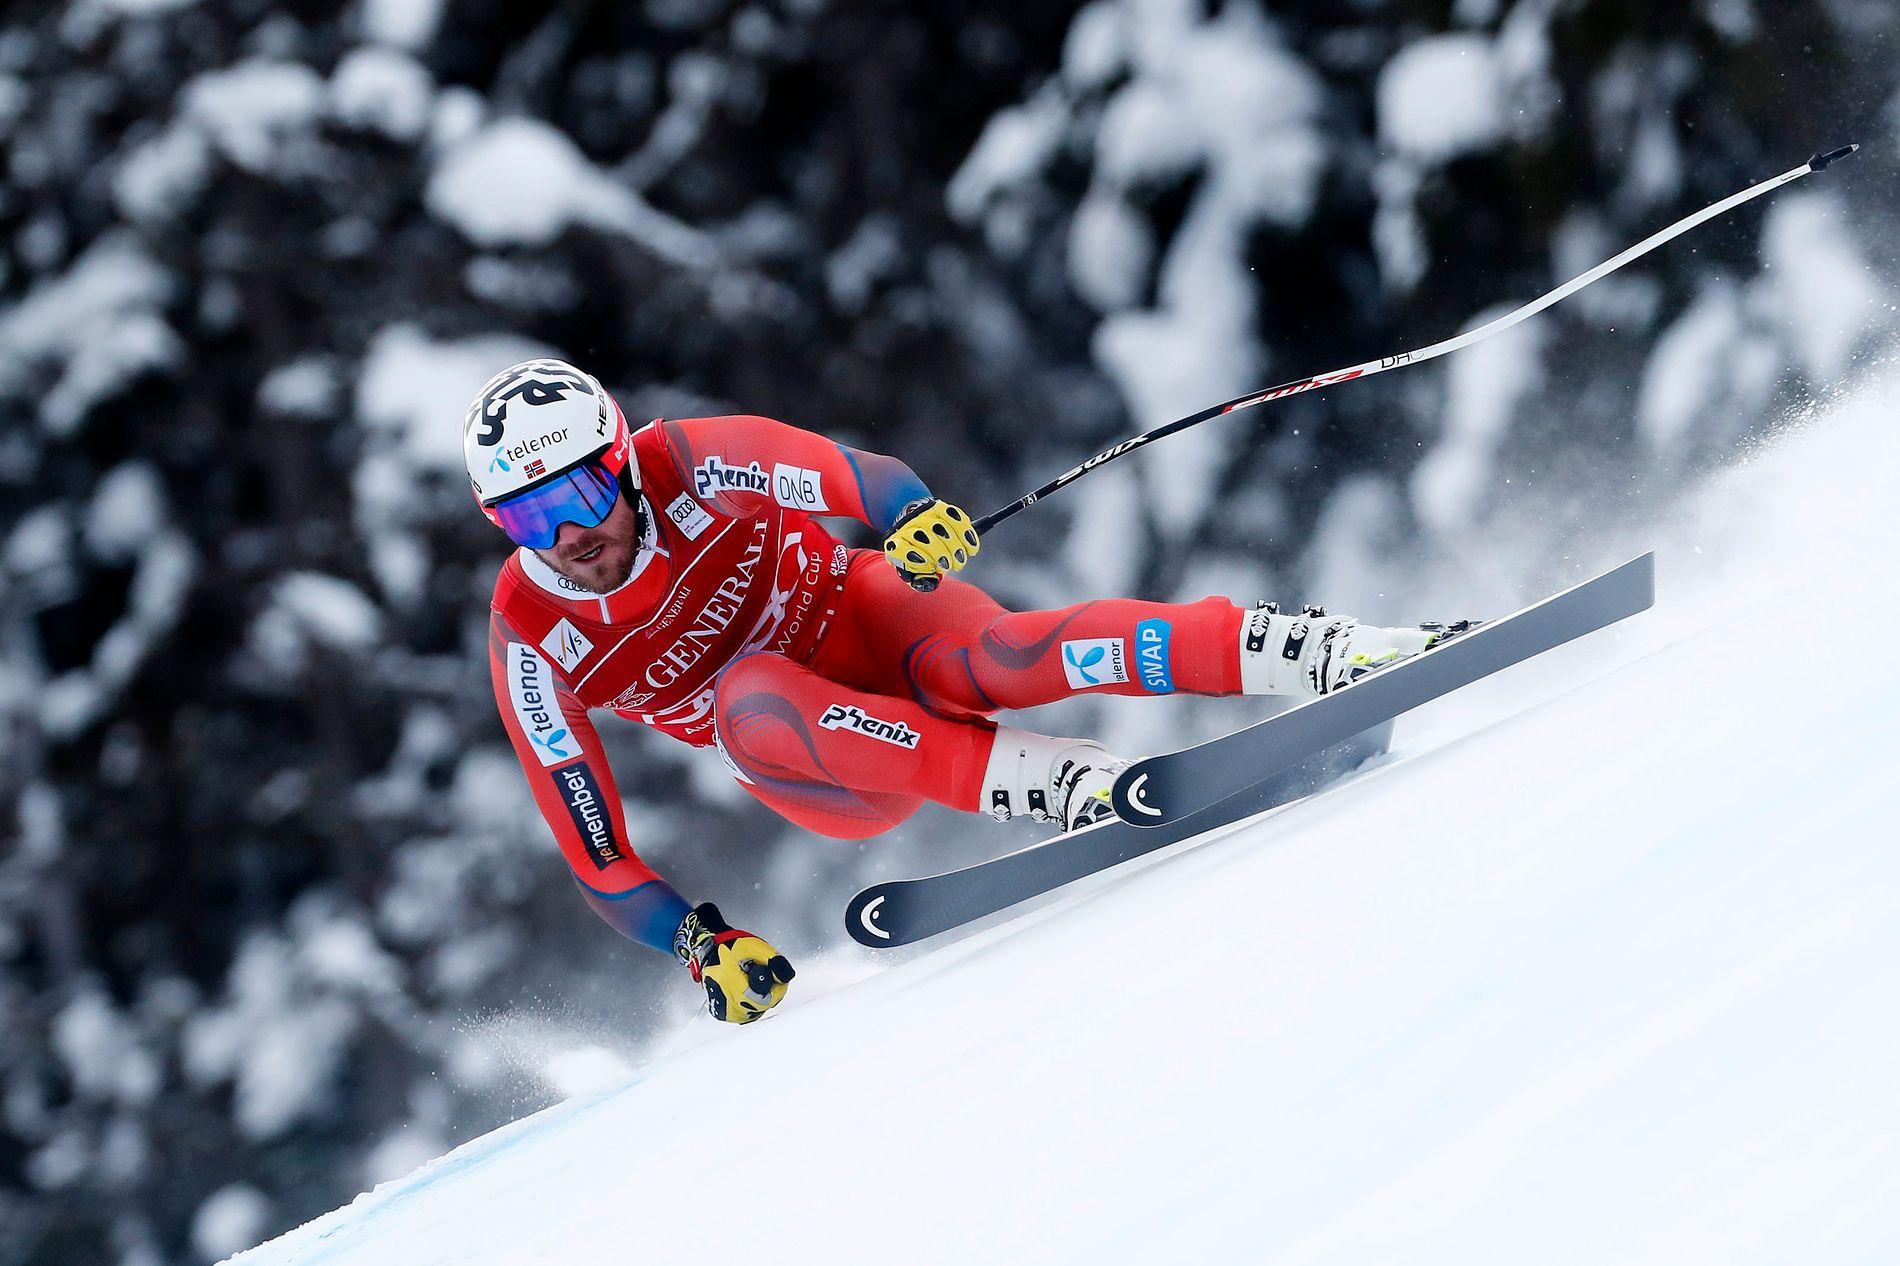 KVITFJELL: Kjetil Jansrud på vei ned til super-G-triumf i Kvitfjell i 2018.